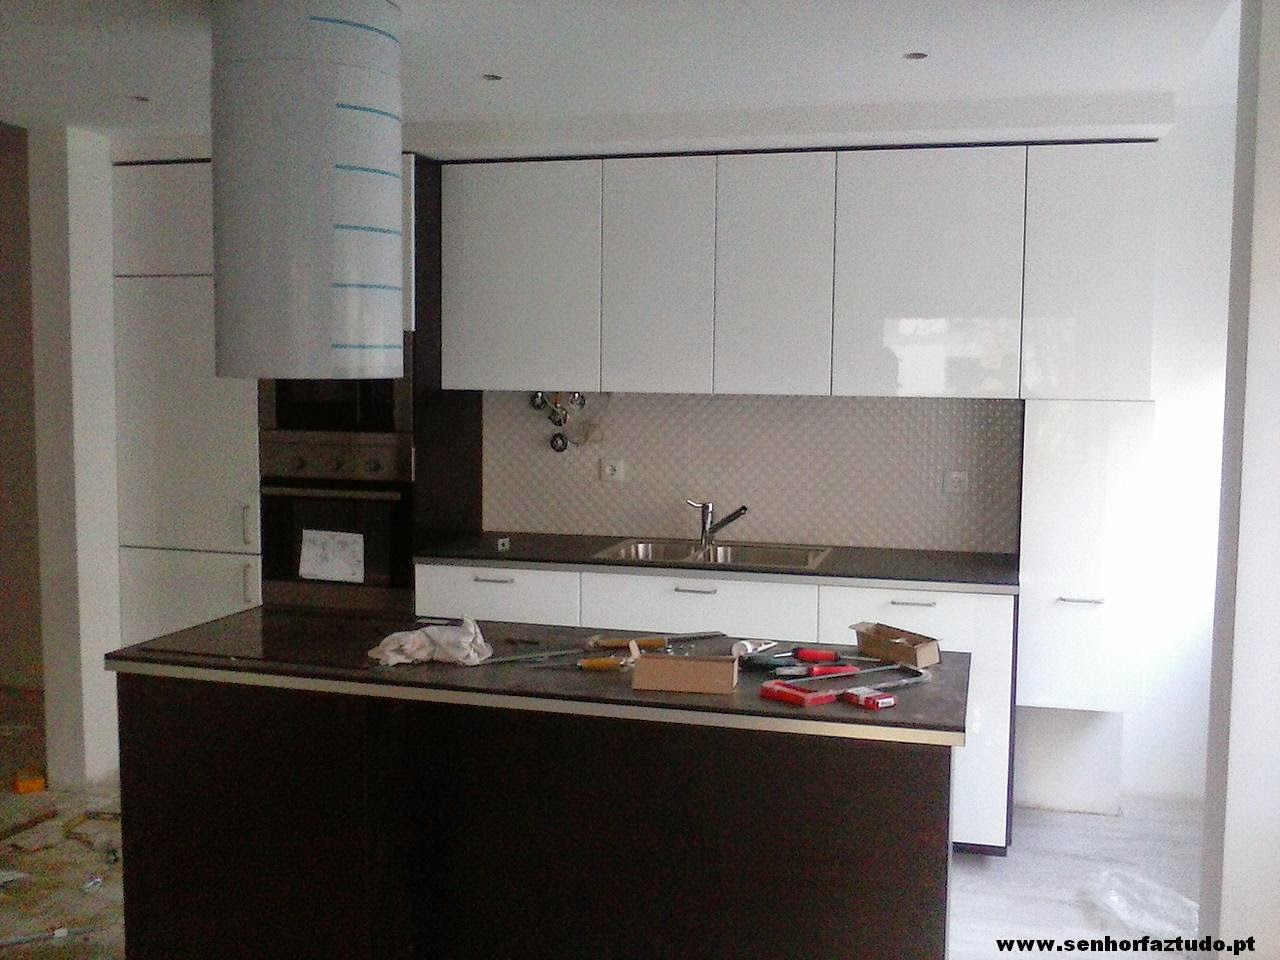 Montagem de cozinhas Ikea : Montagem de uma cozinha Ikea em Benfica #604A3D 1280 960